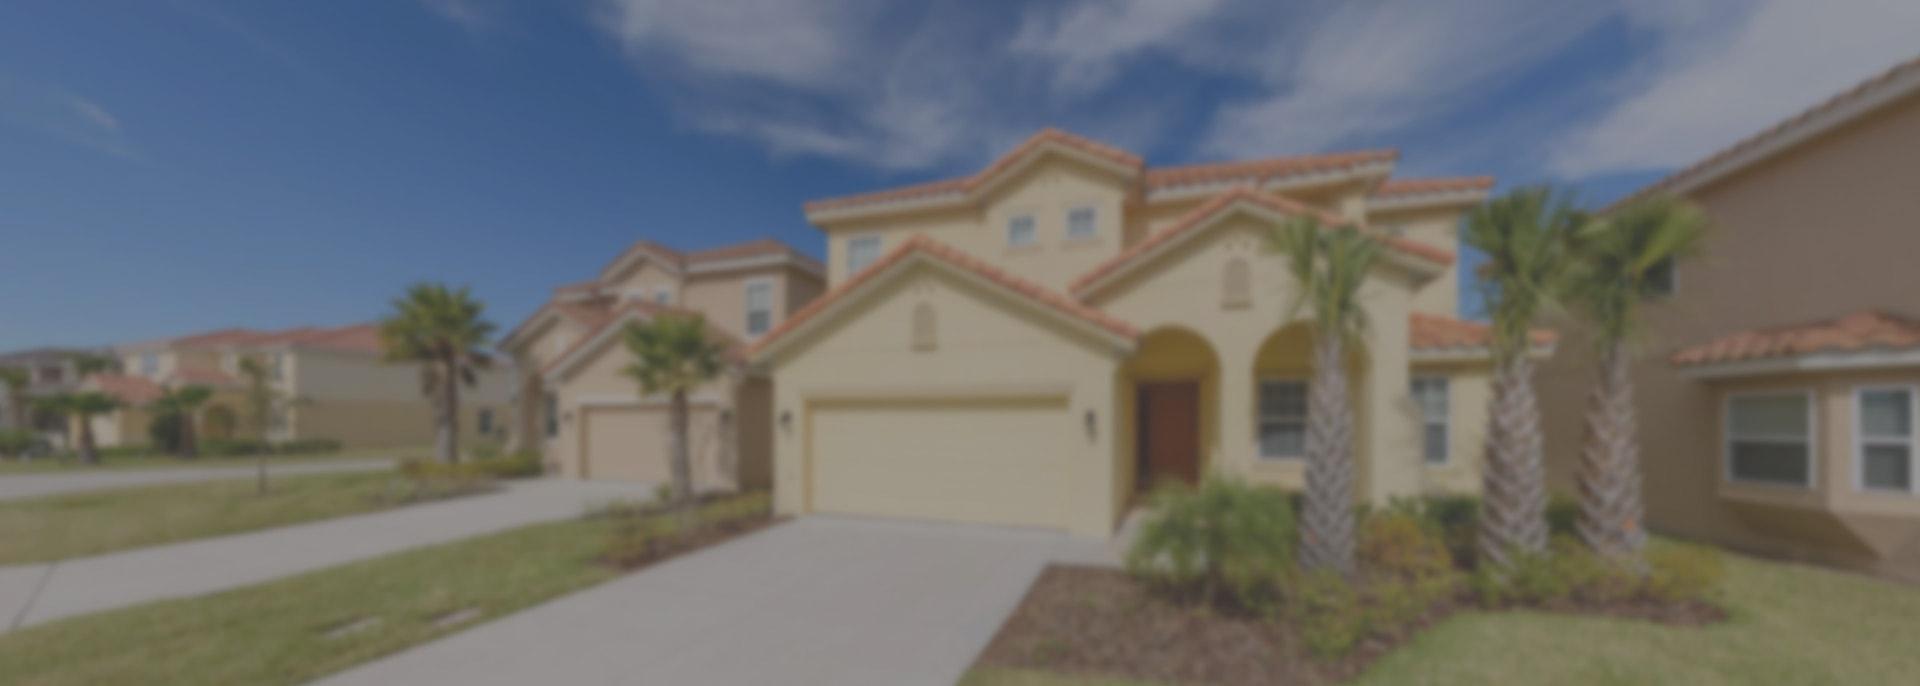 Casas de temporada a venda em Orlando